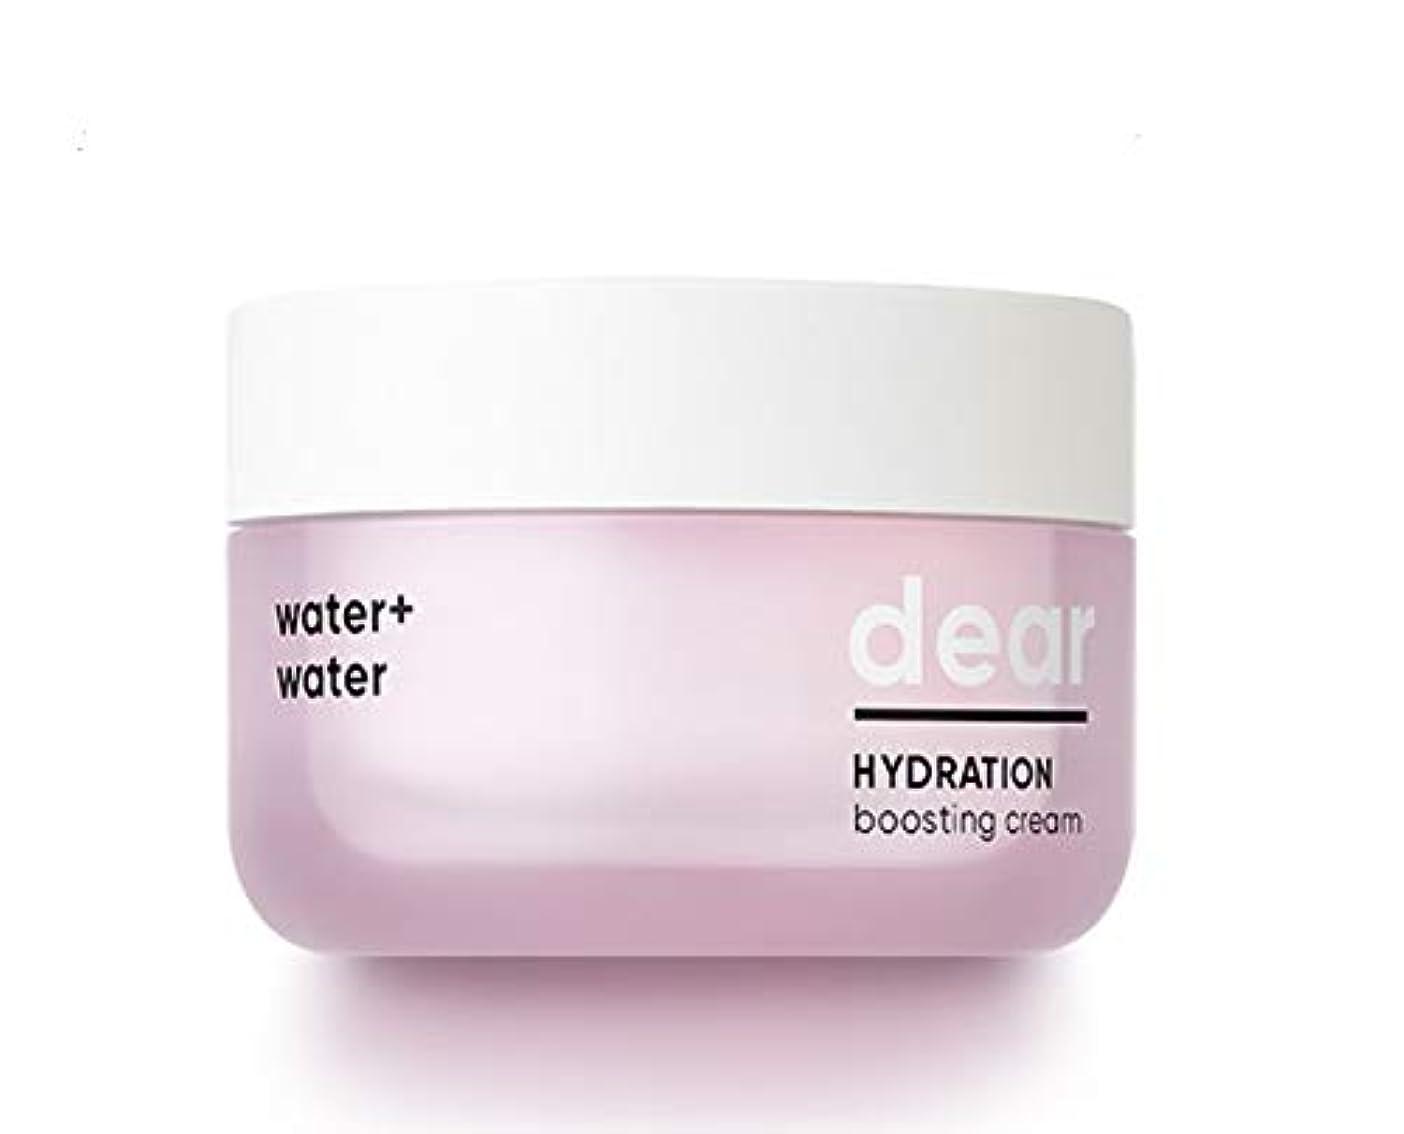 出くわす無実金額[New] BANILA CO dear Hydration Boosting Cream 50ml / (Banila co) パニルラ鼻ディアハイドゥレイションブースティングクリーム50ml [並行輸入品]